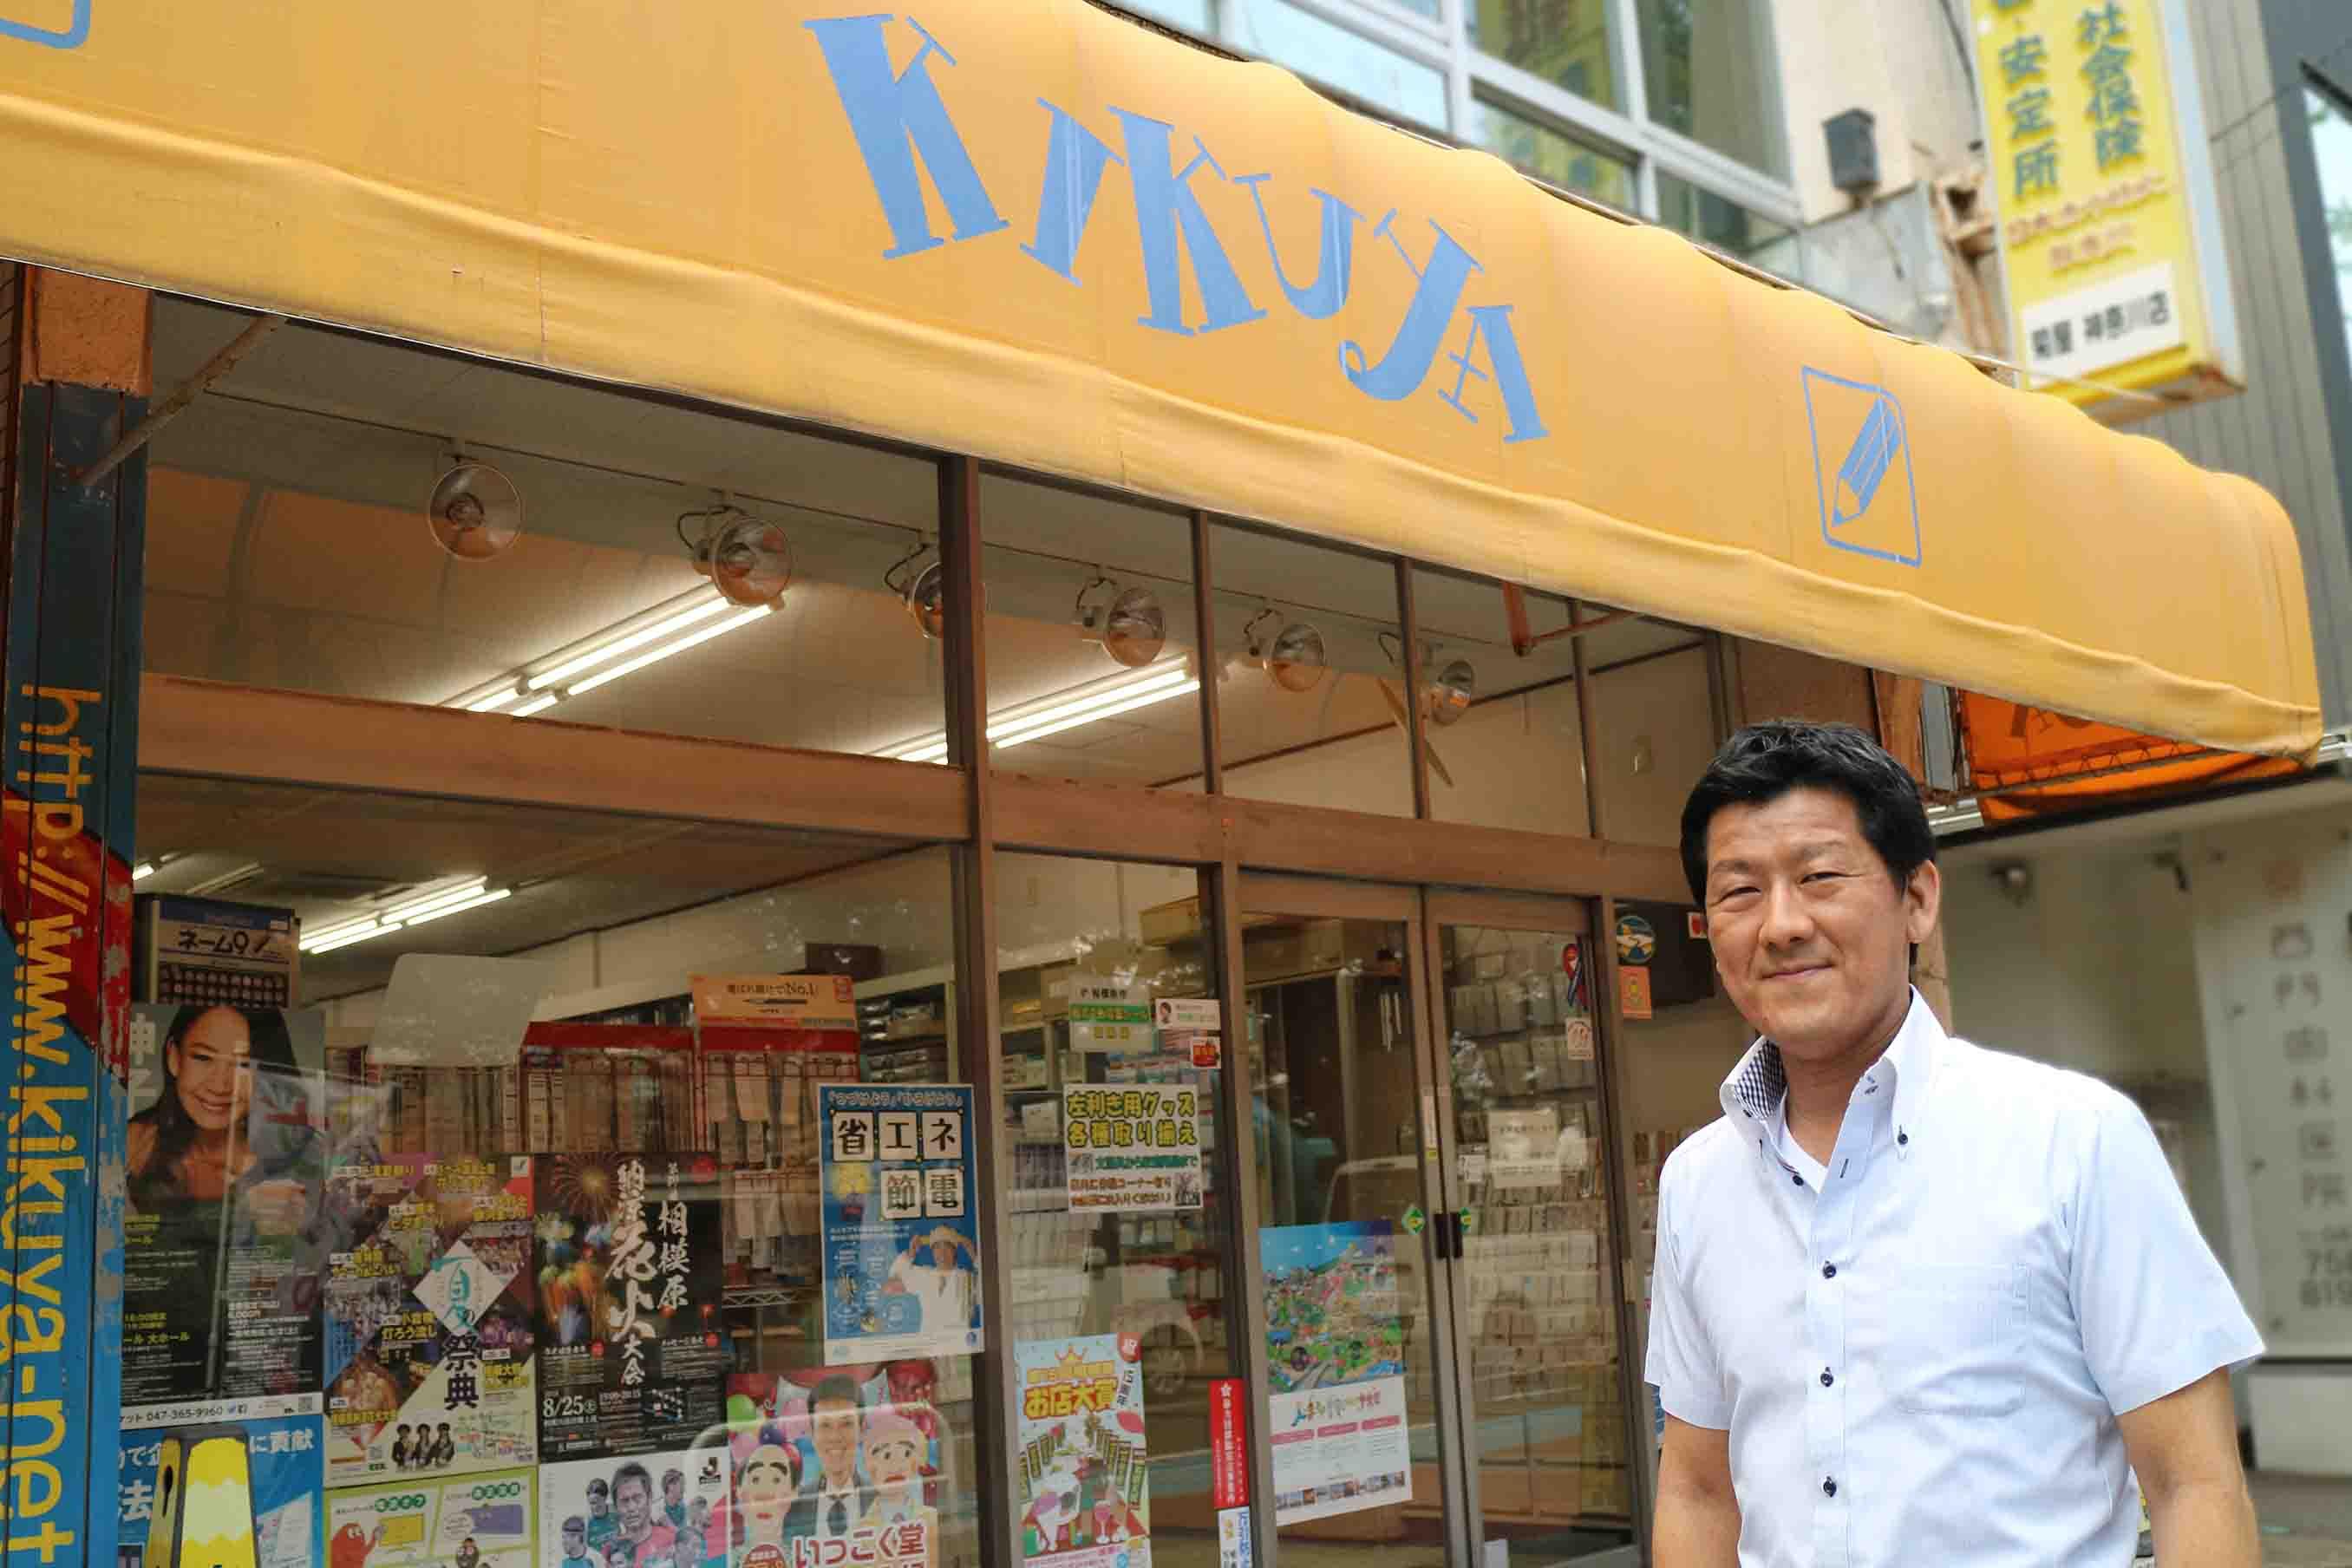 1973年に開店以来40年以上の歴史を持つ文房具店「菊屋」(正式には菊屋浦上商事株式会社)浦上裕生さん